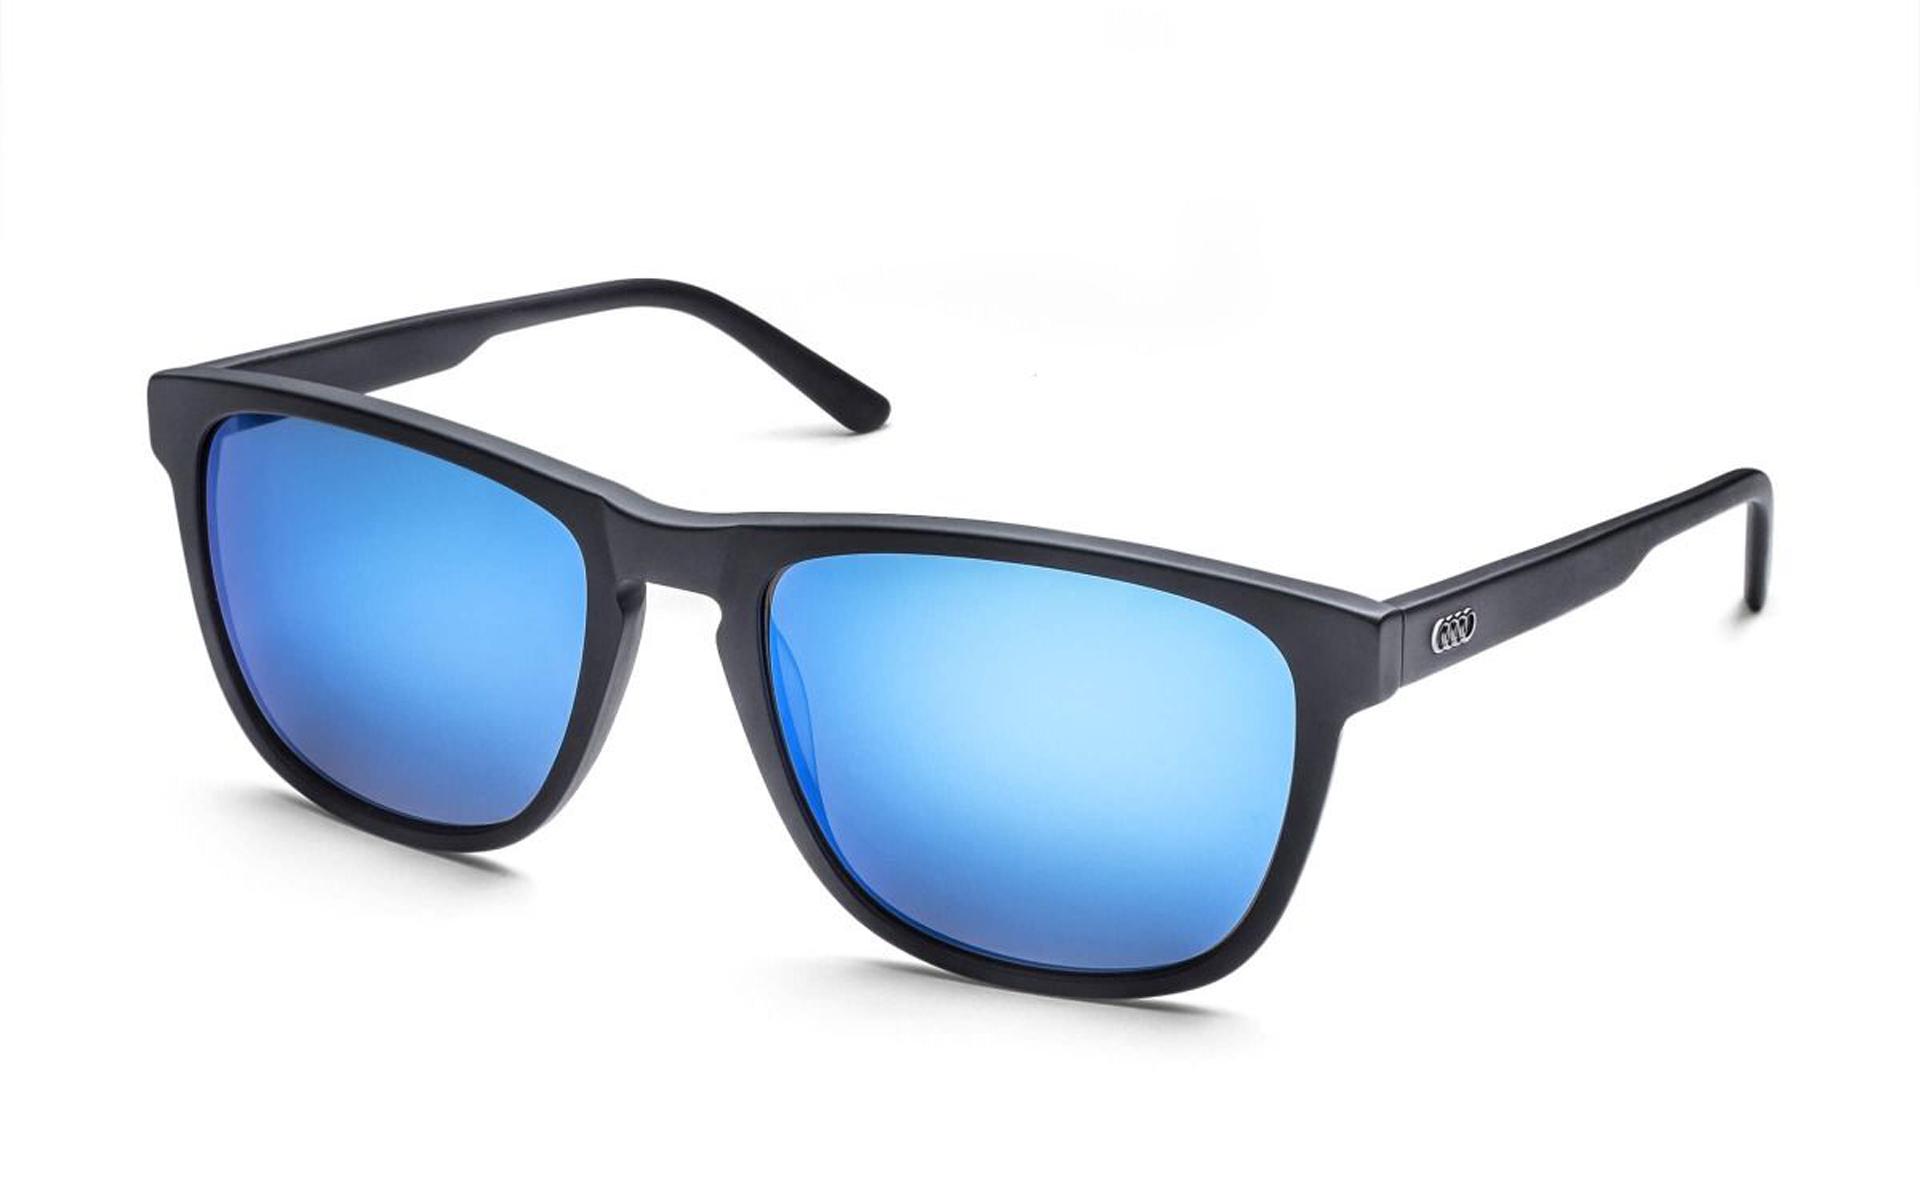 e5d63c5648 Για τα μάτια σας μόνο  6 γυαλιά ηλίου! - Τα γυαλιά δεν προστατεύουν ...